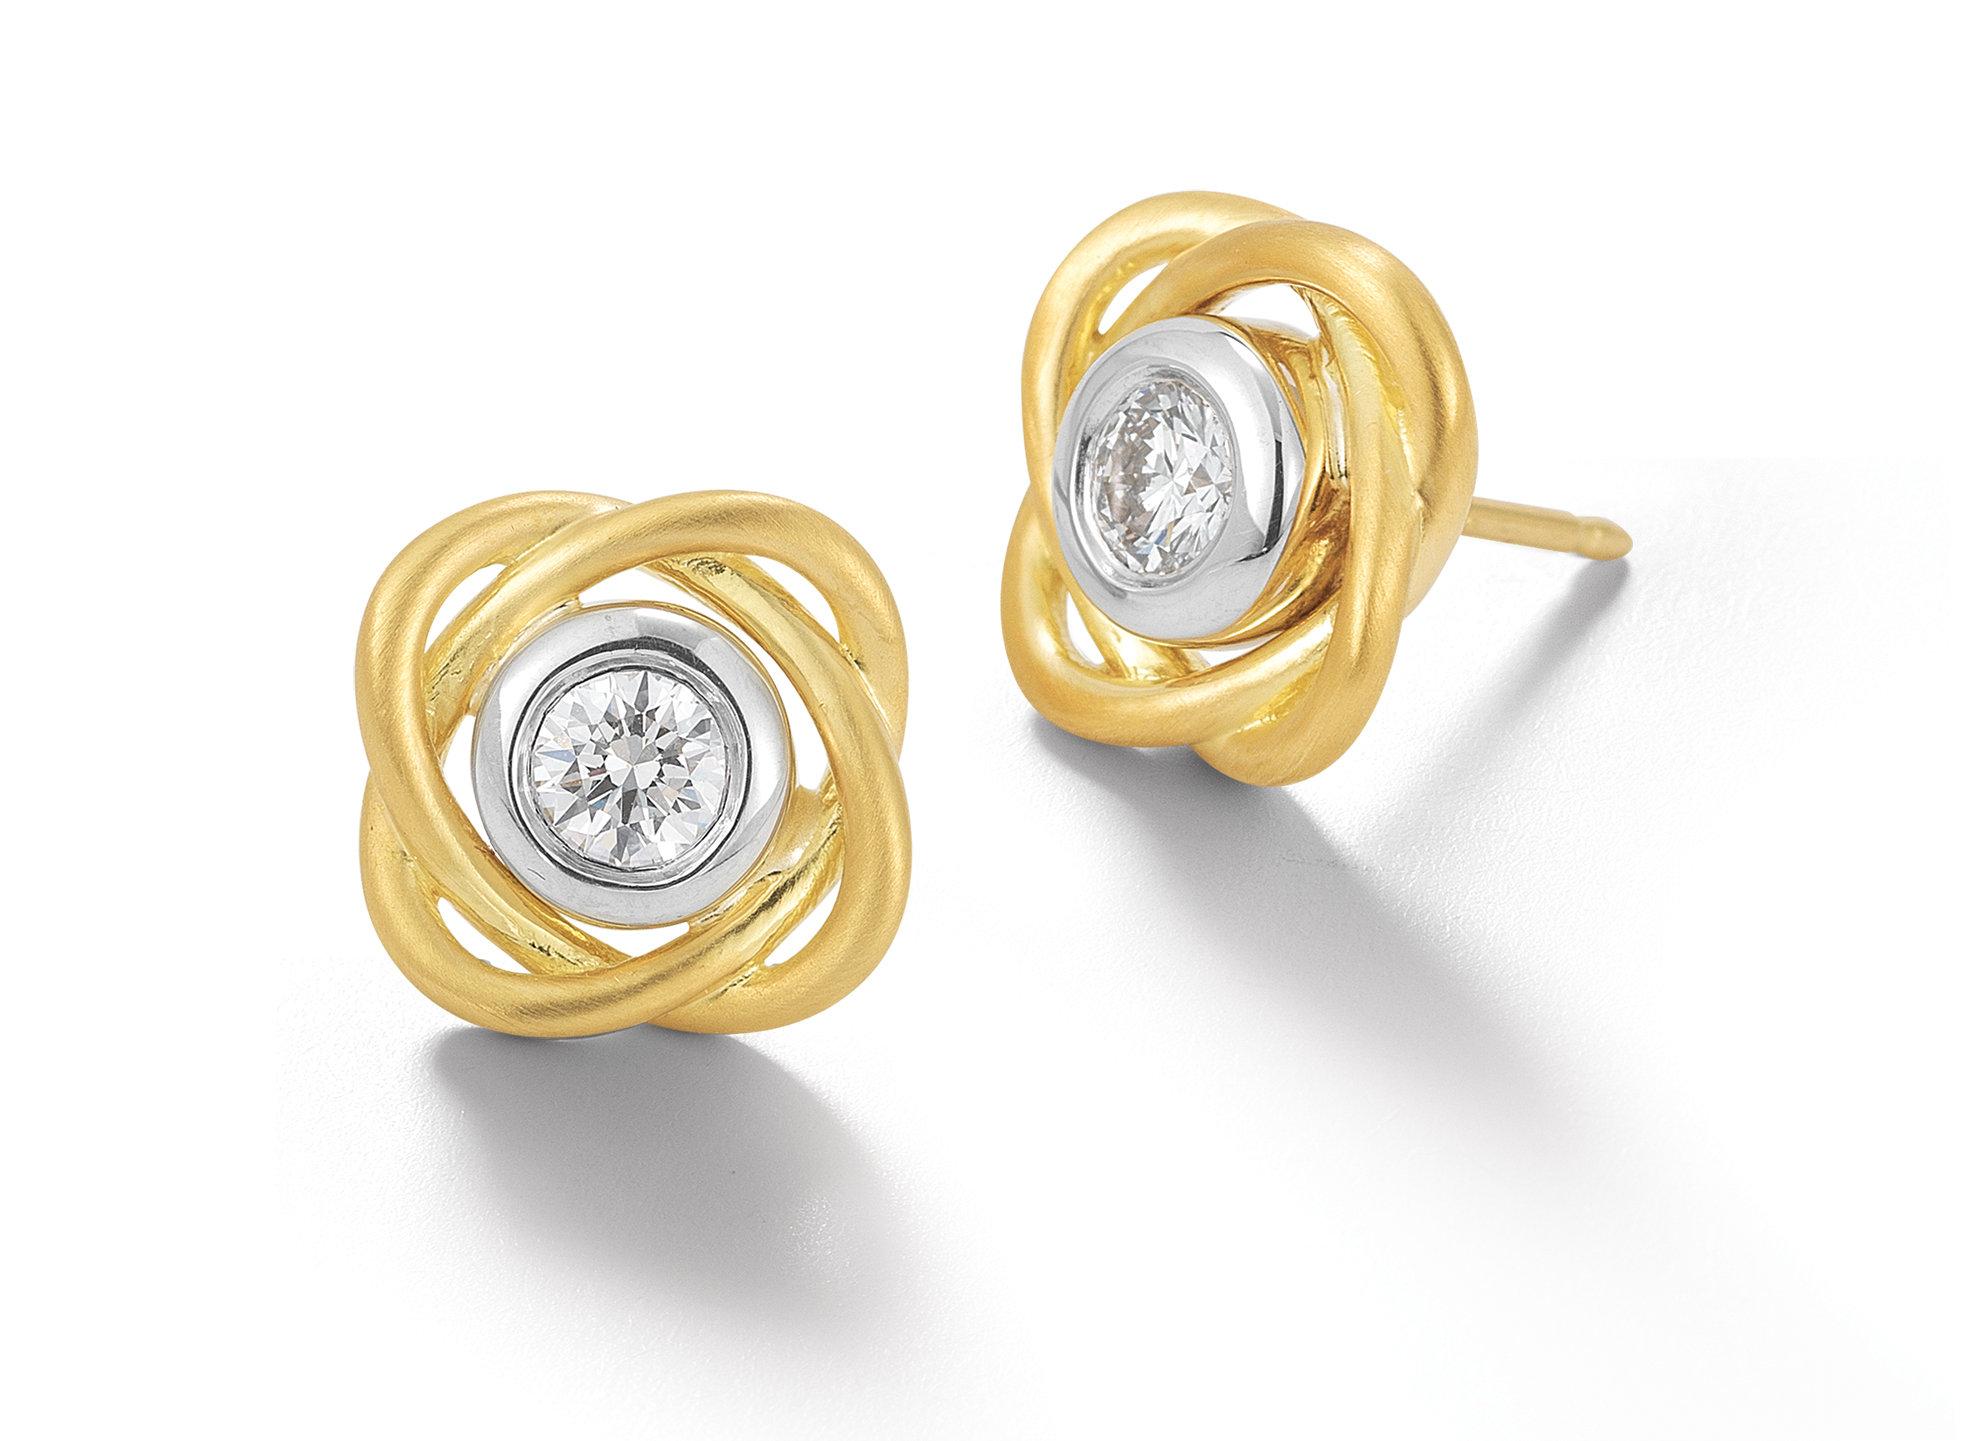 Scribble Infinity Stud Earrings By Dana Melnick Gold Stone Artful Home